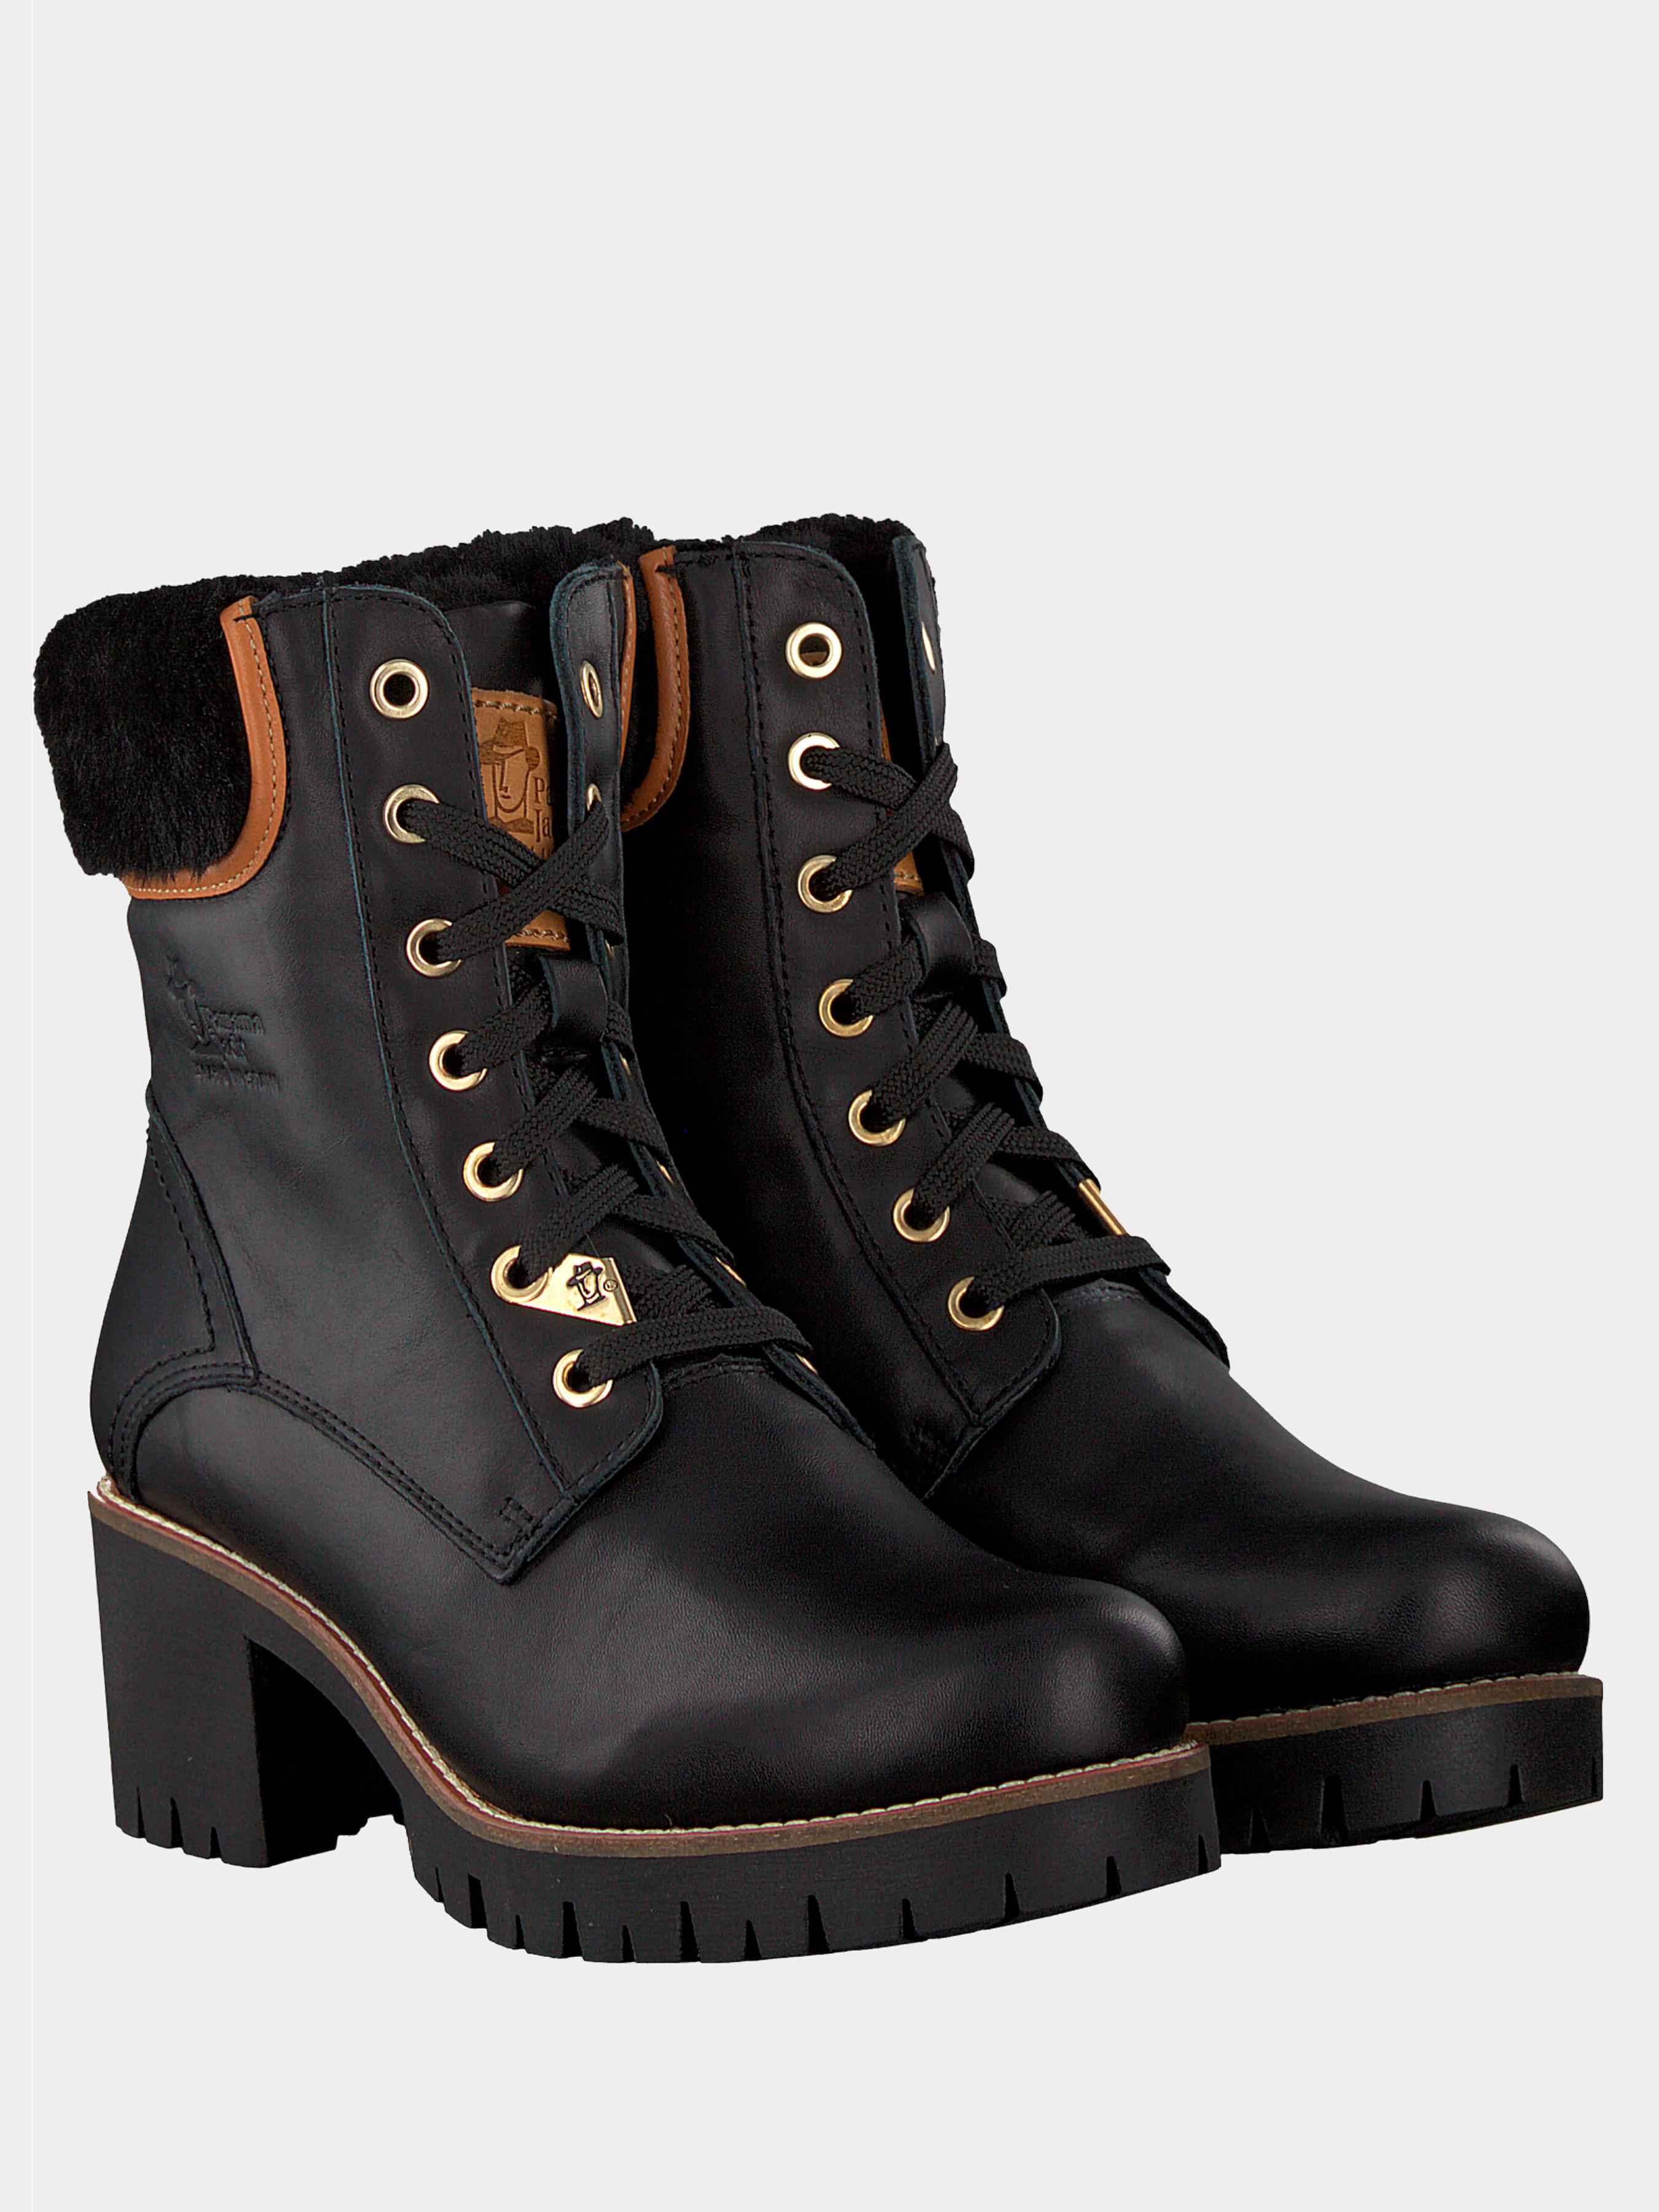 Купить Ботинки женские Panama Jack PW149, Черный